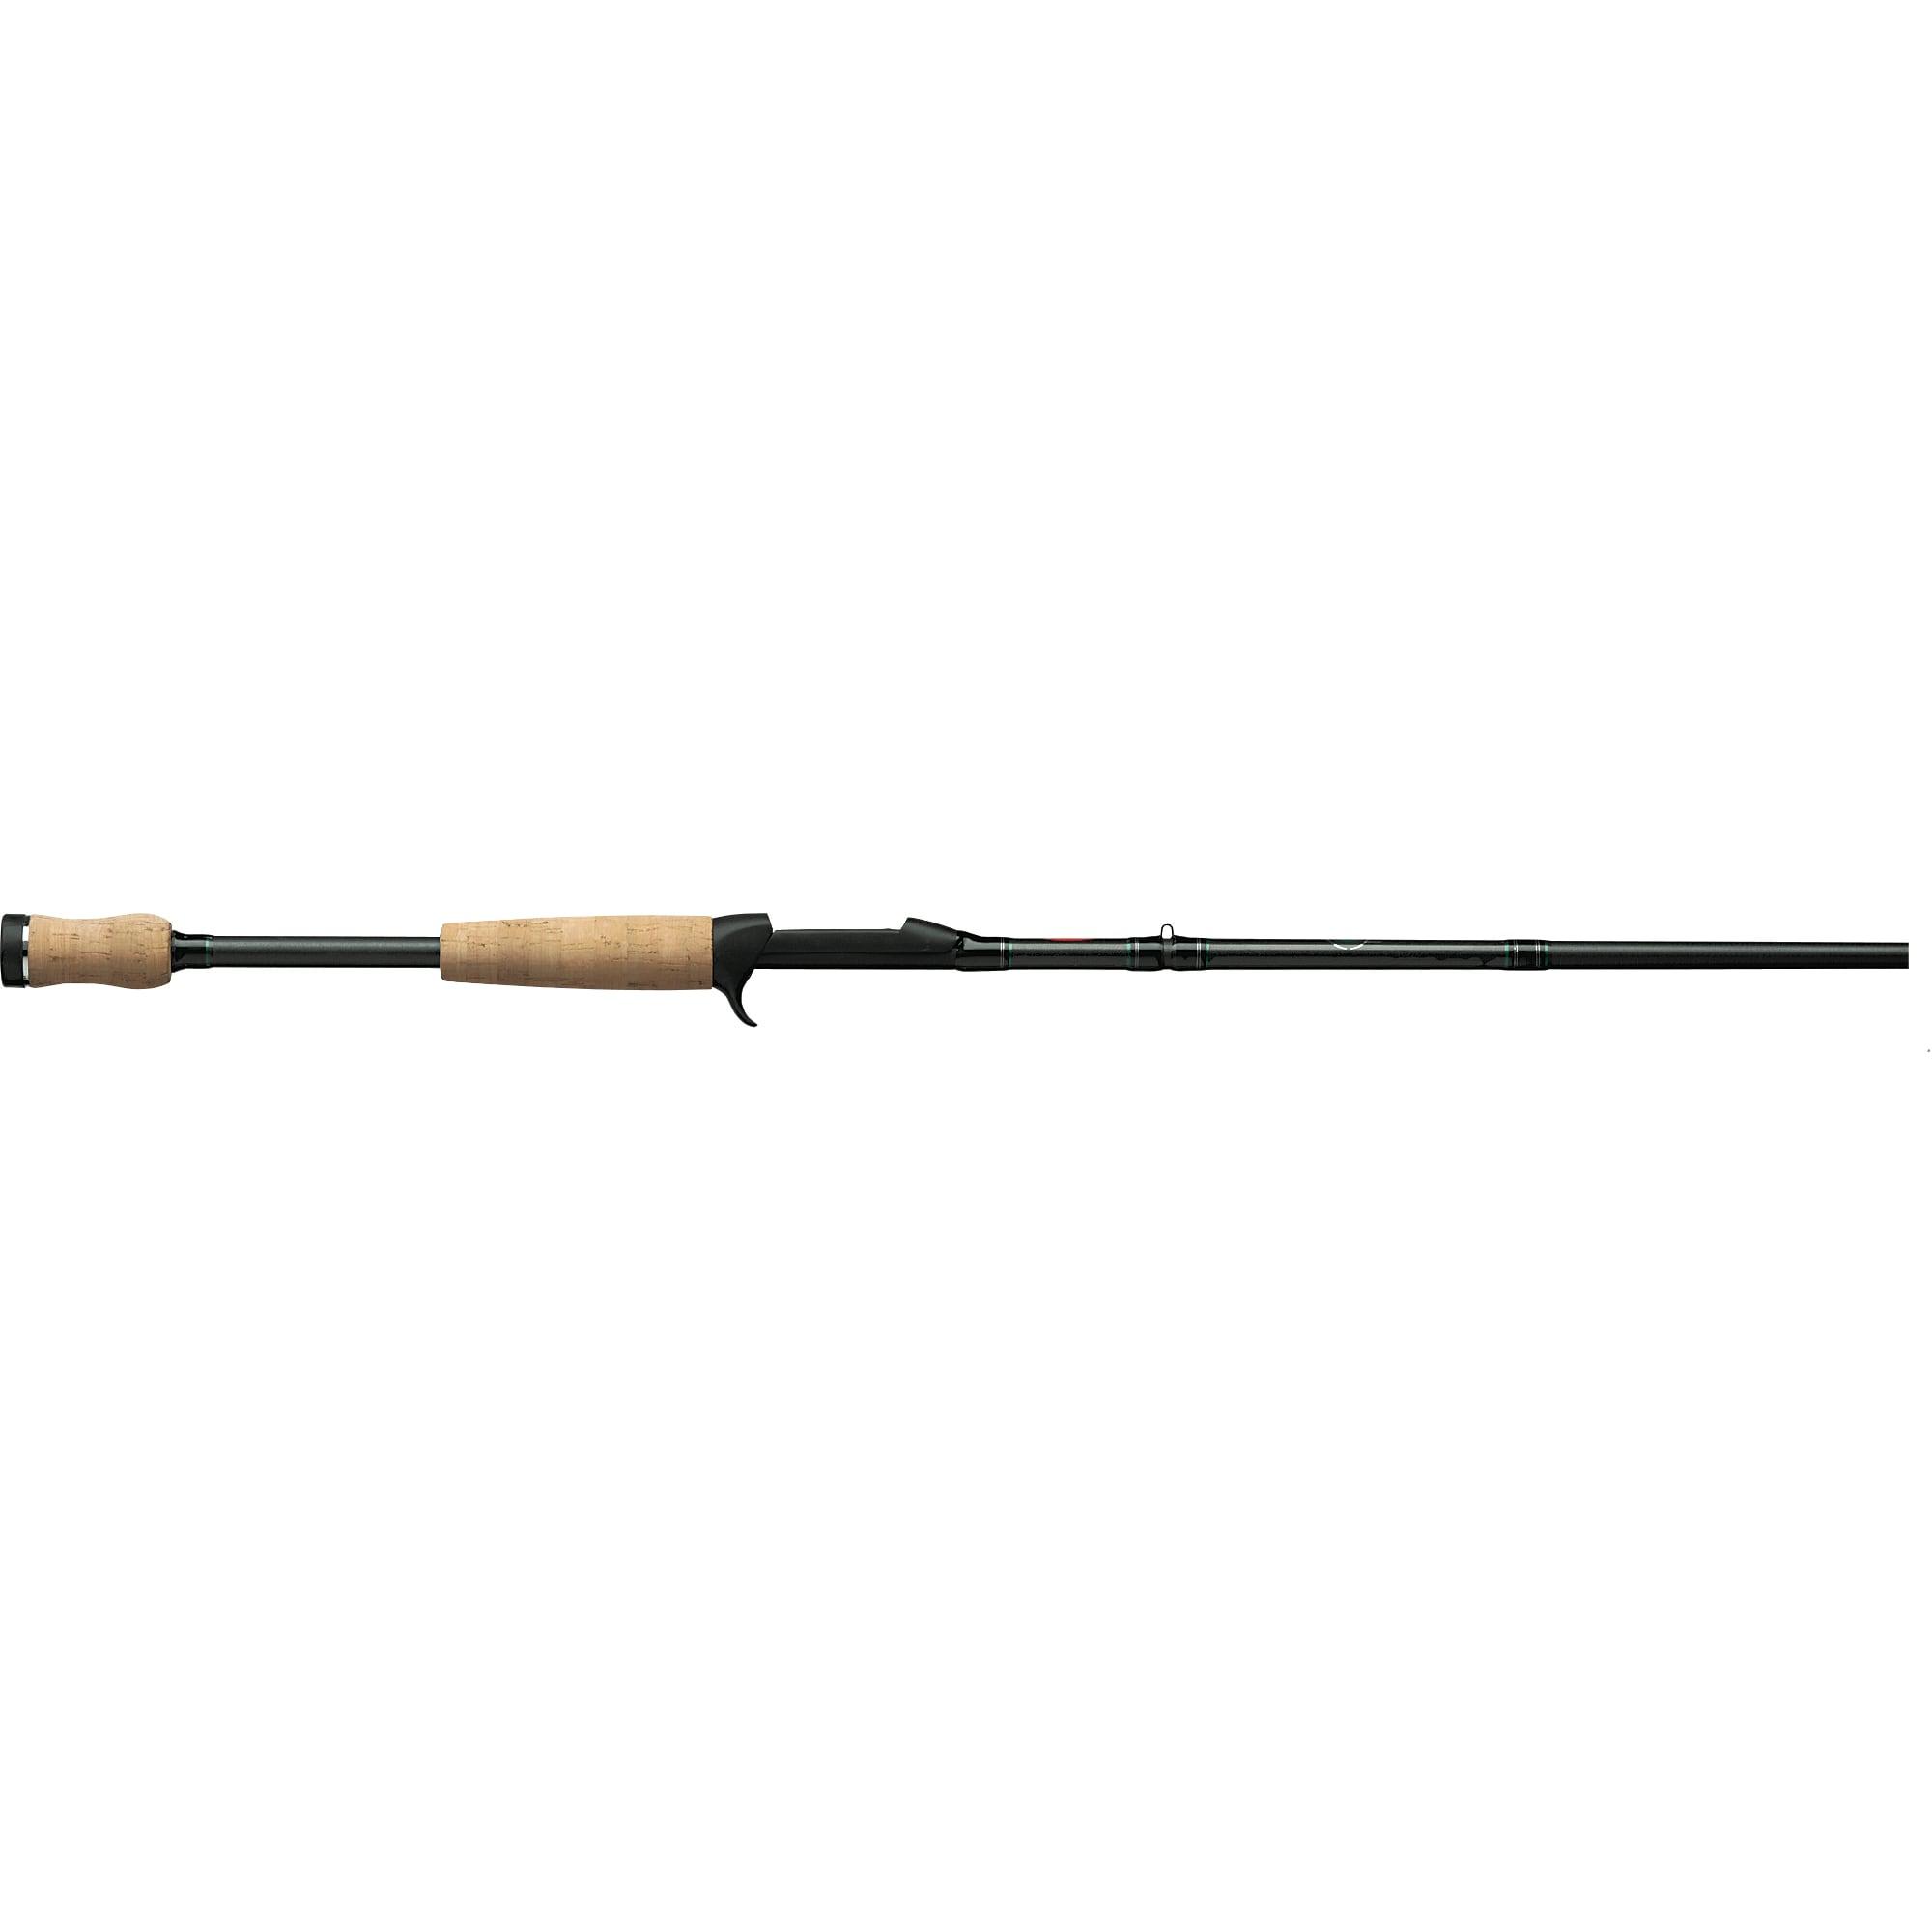 Berkley 7' Medium Amp Casting Rod (7', Medium)